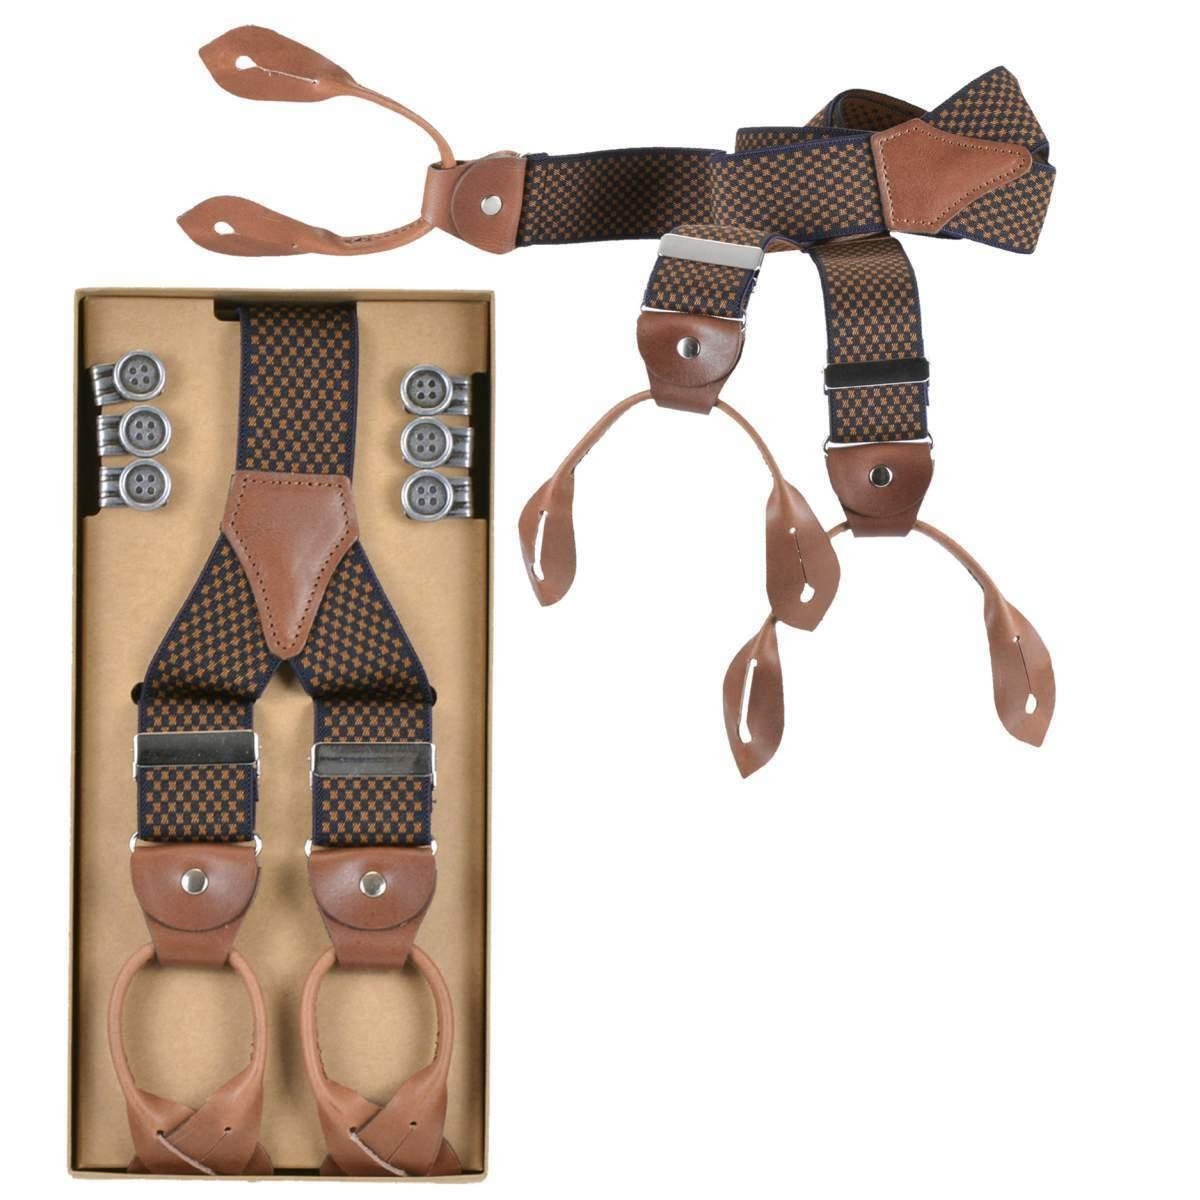 Lloyd Hosenträger Y Form Holländer 120cm 35mm Leder mit Knöpfen Suspenders